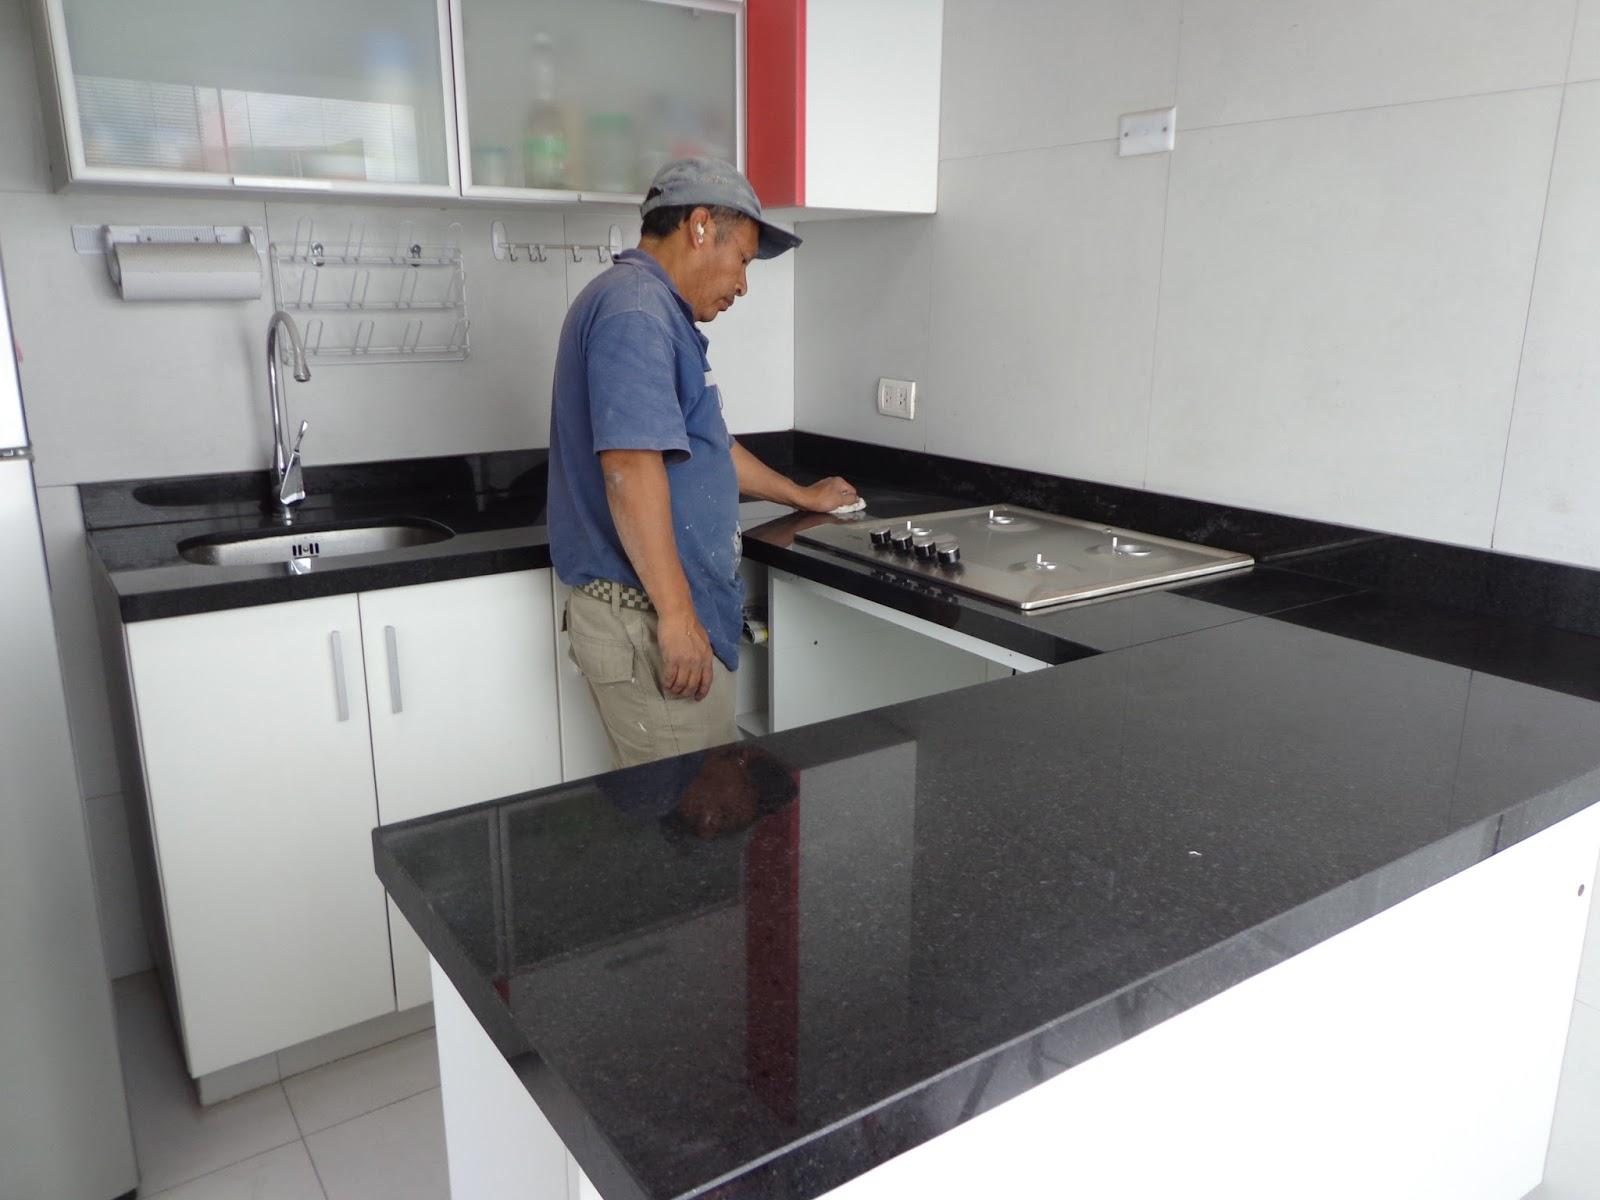 Cocinas vitroceramicas empotradas granito marmol lima for Cocina con vitroceramica